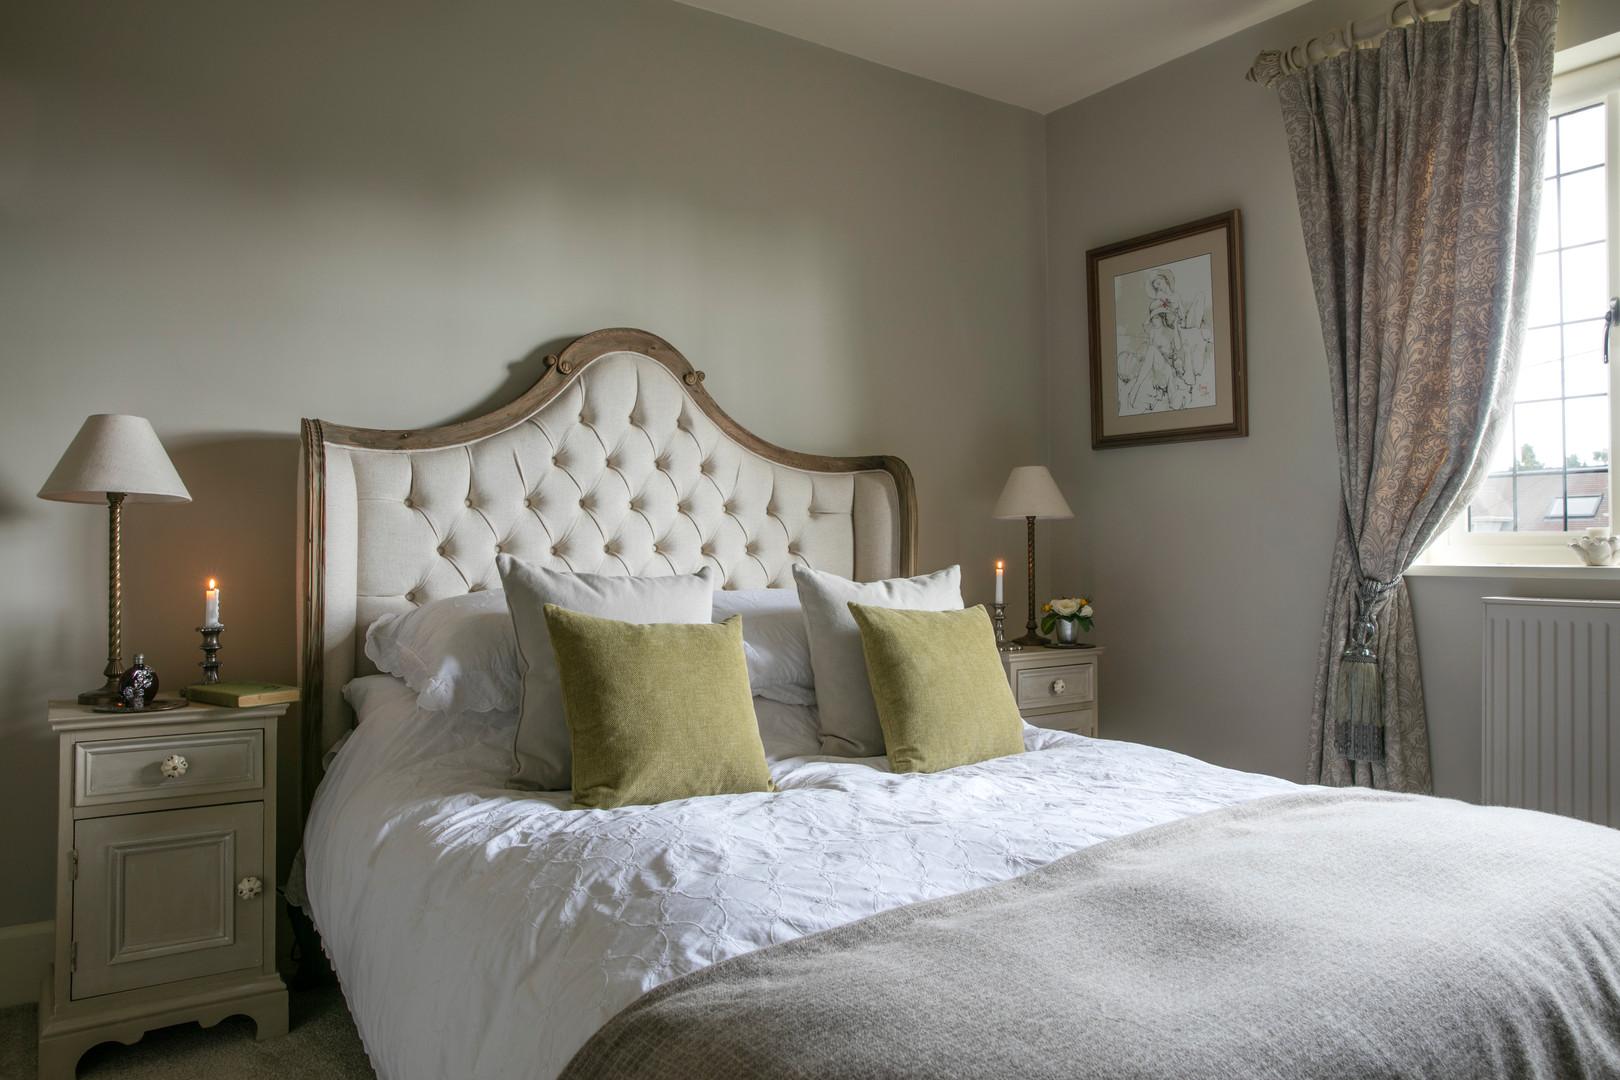 Bedroom interior styling.jpg